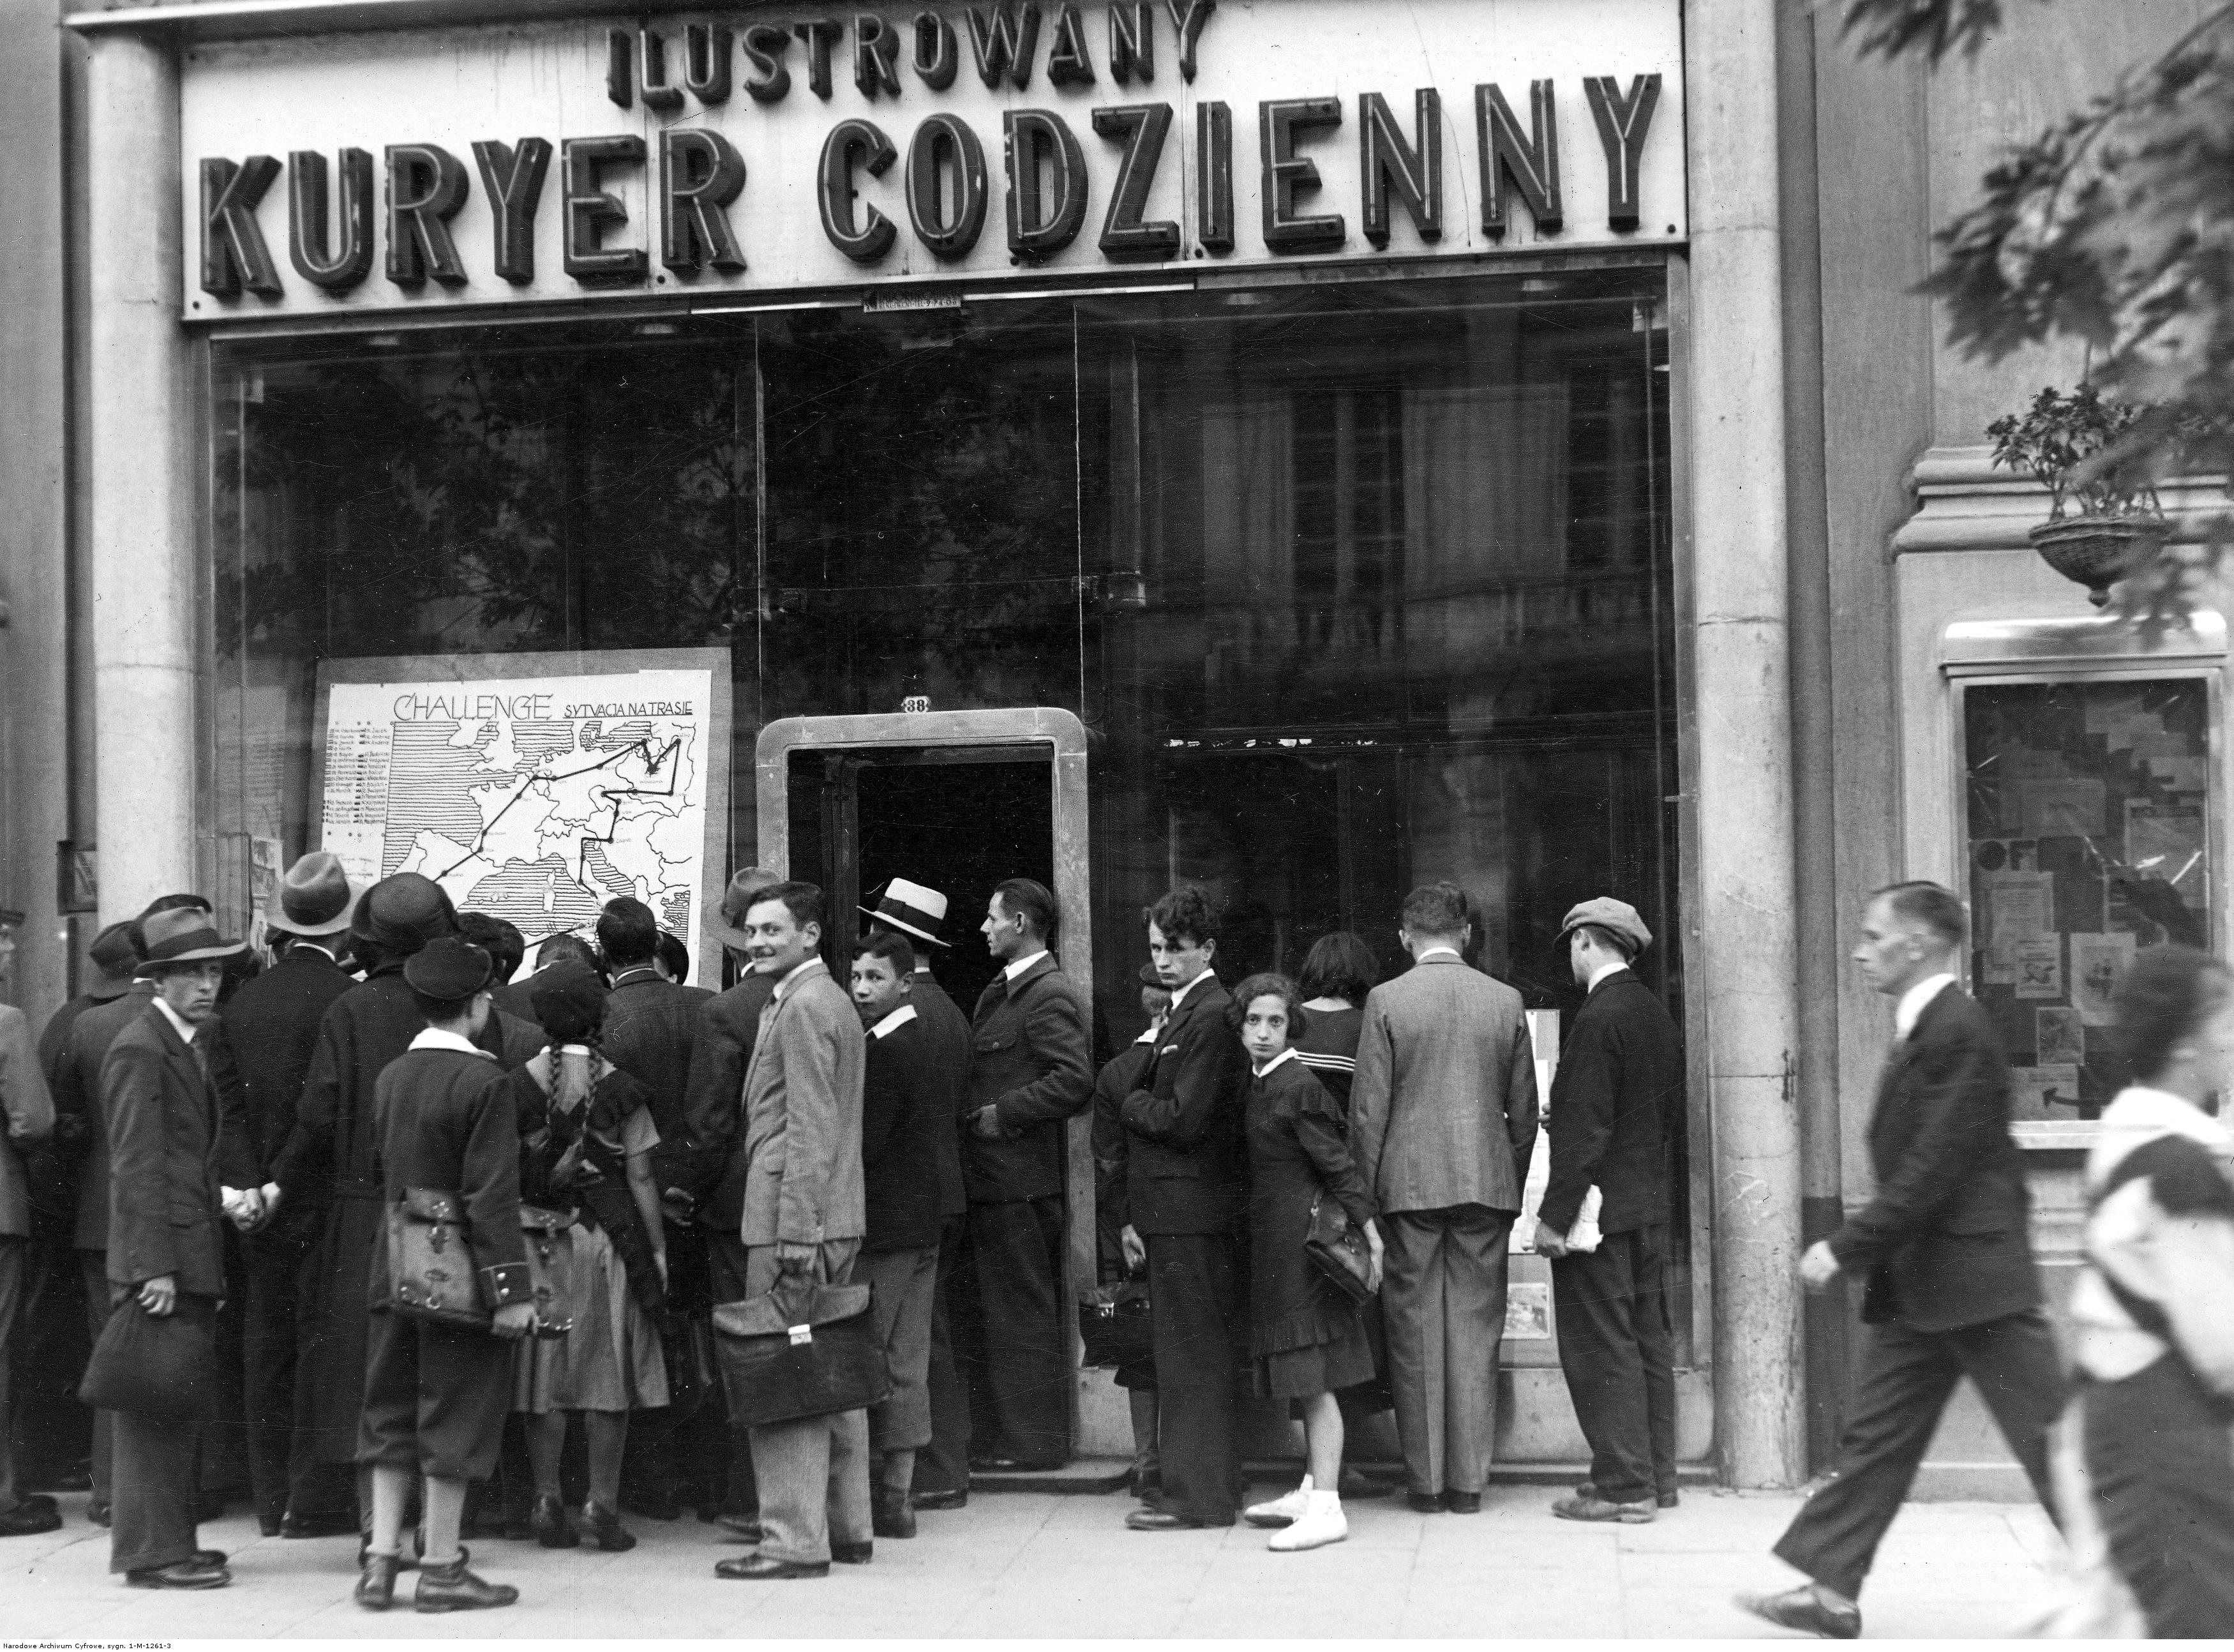 Grupa osób przed tablicą wyników Międzynarodowych Zawodów Samolotów Turystycznych (Challenge 1934) wystawioną w oknie warszawskiego oddziału Ilustrowanego Kuriera Codziennego. Fot. NAC